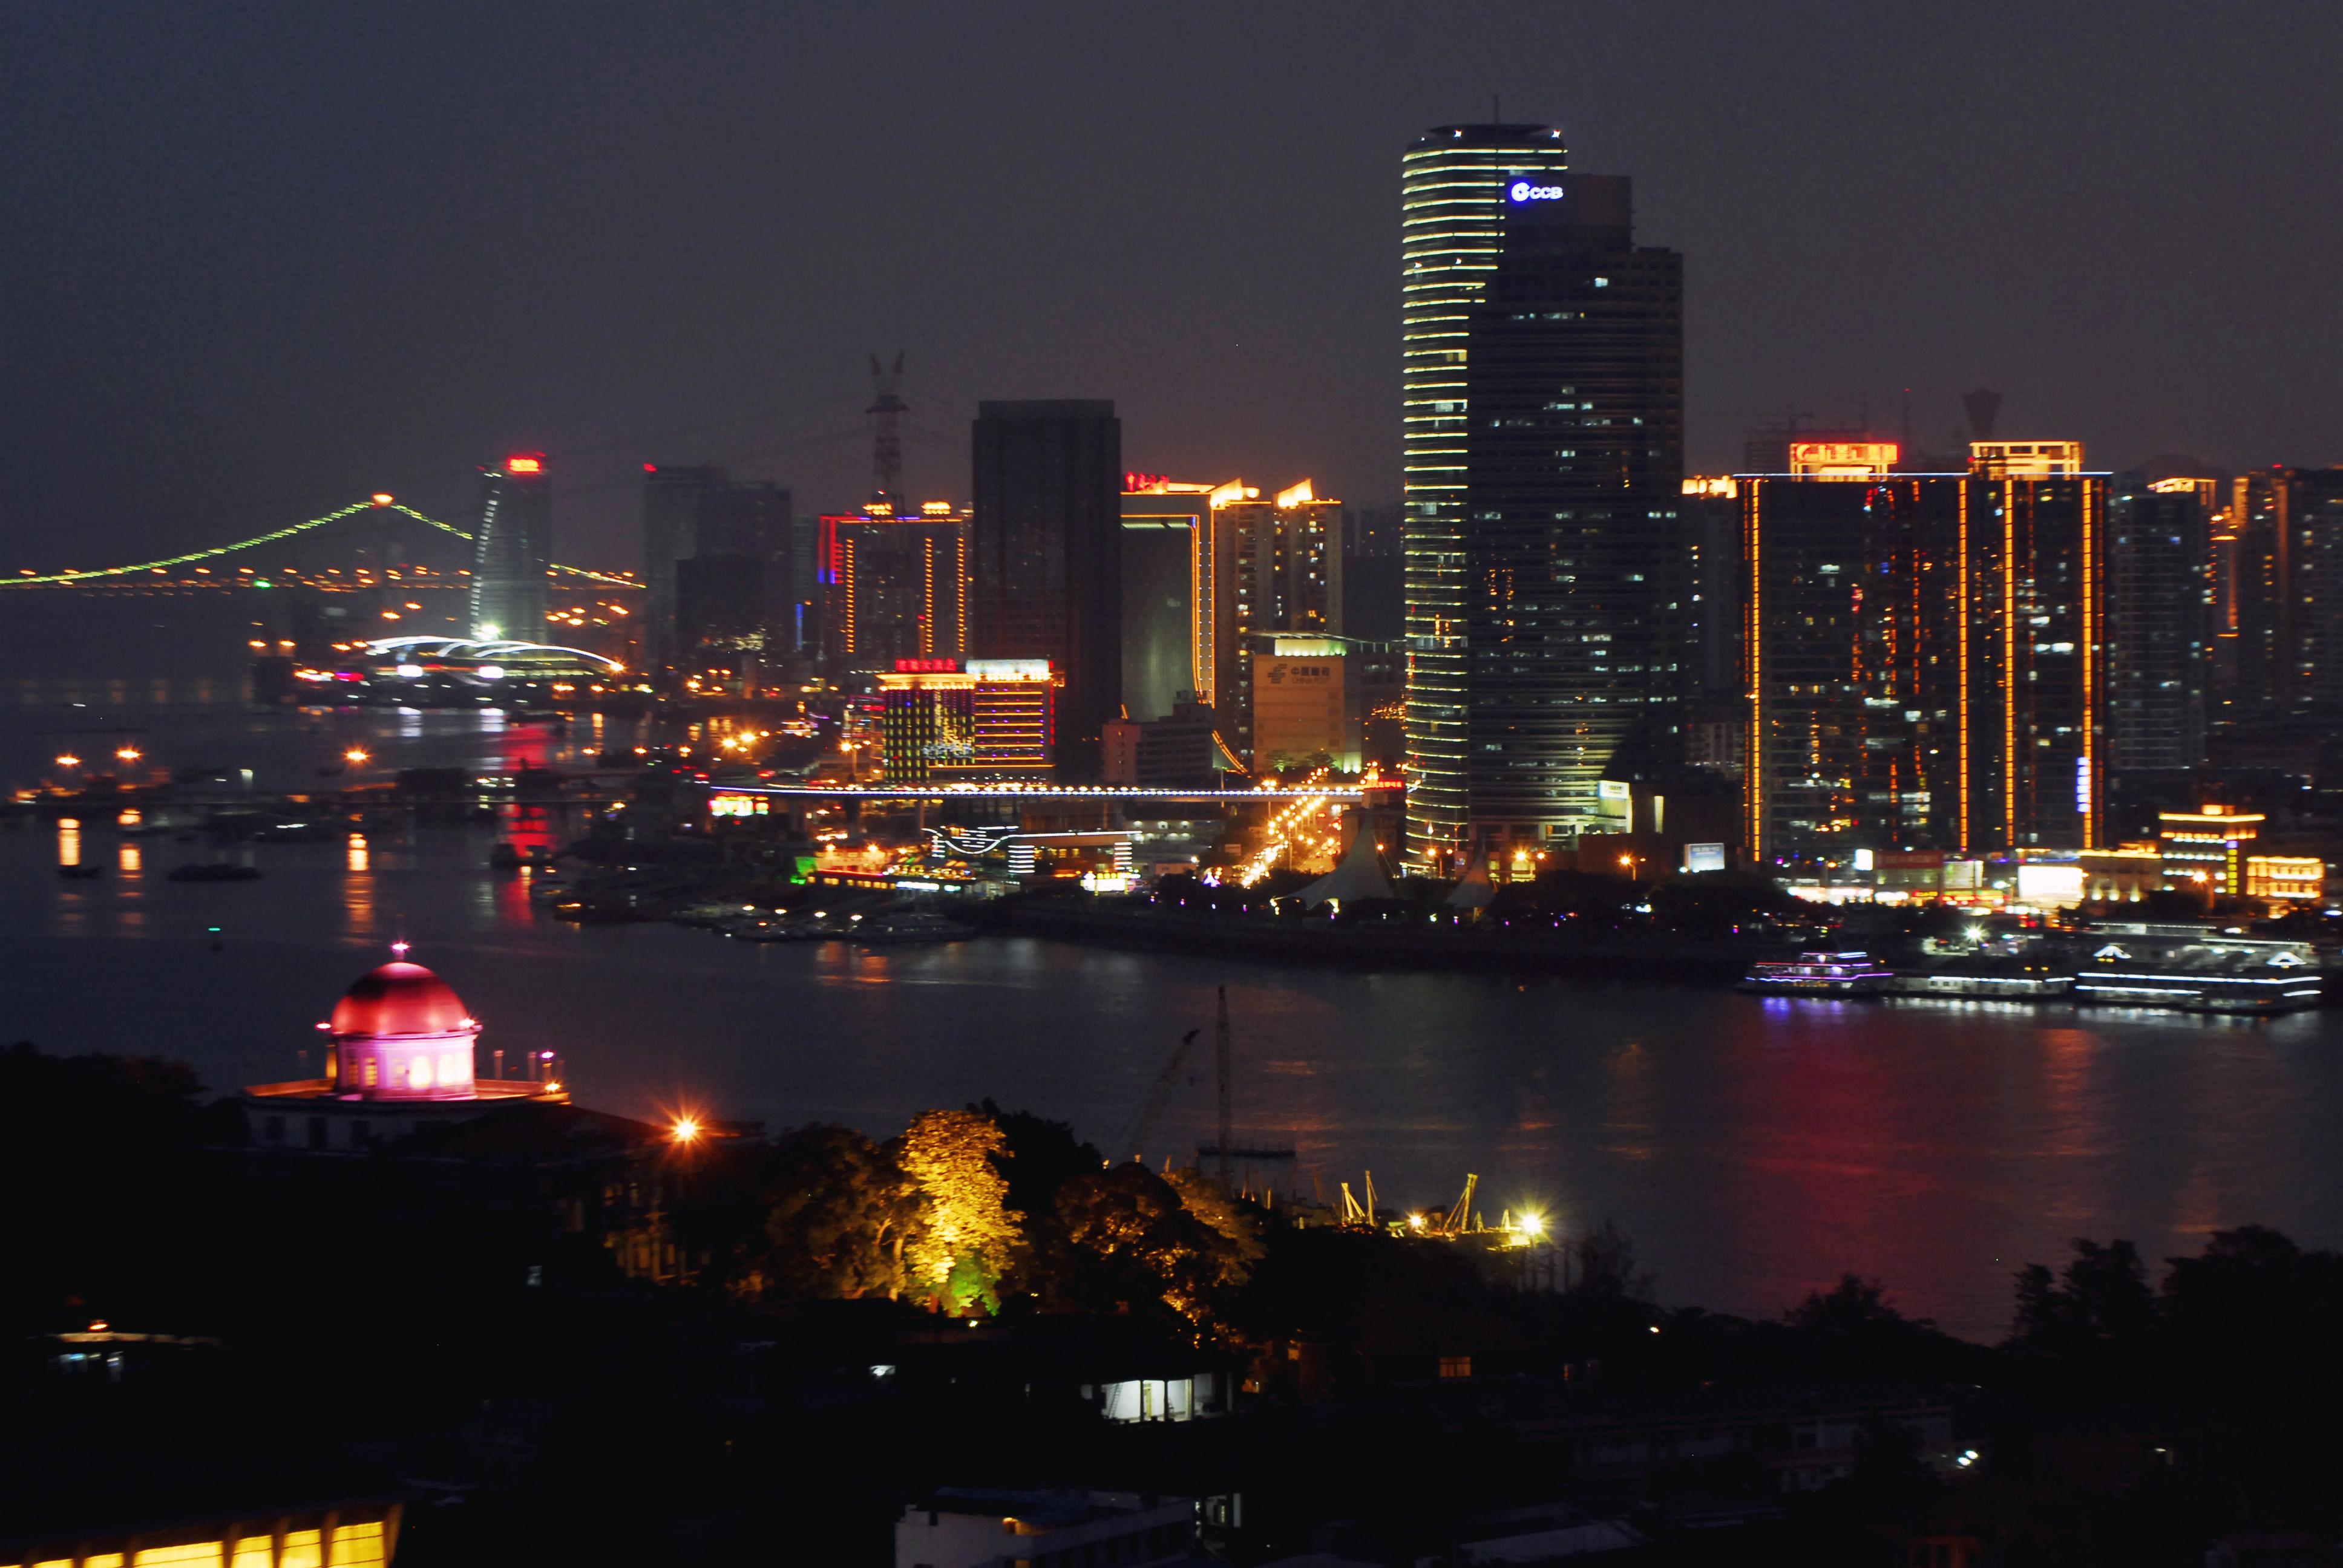 【前進新大陸創業報導】兩岸跨境電商論壇串起創業新希望